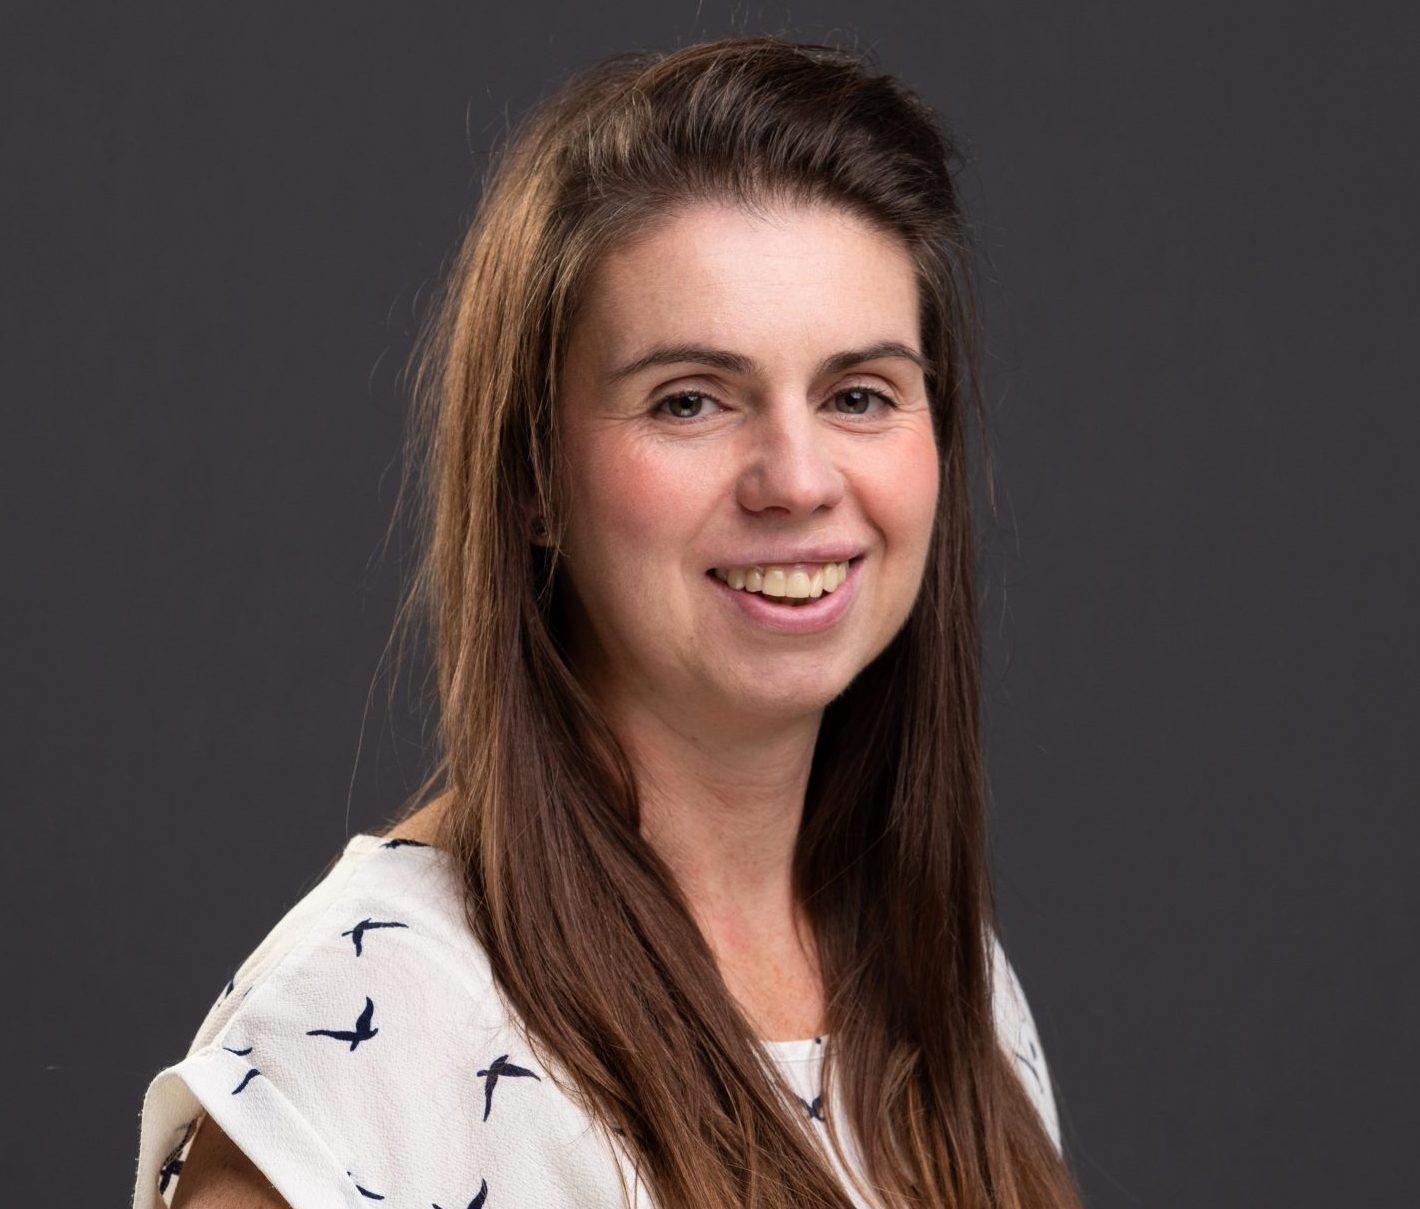 Victoria Bolton